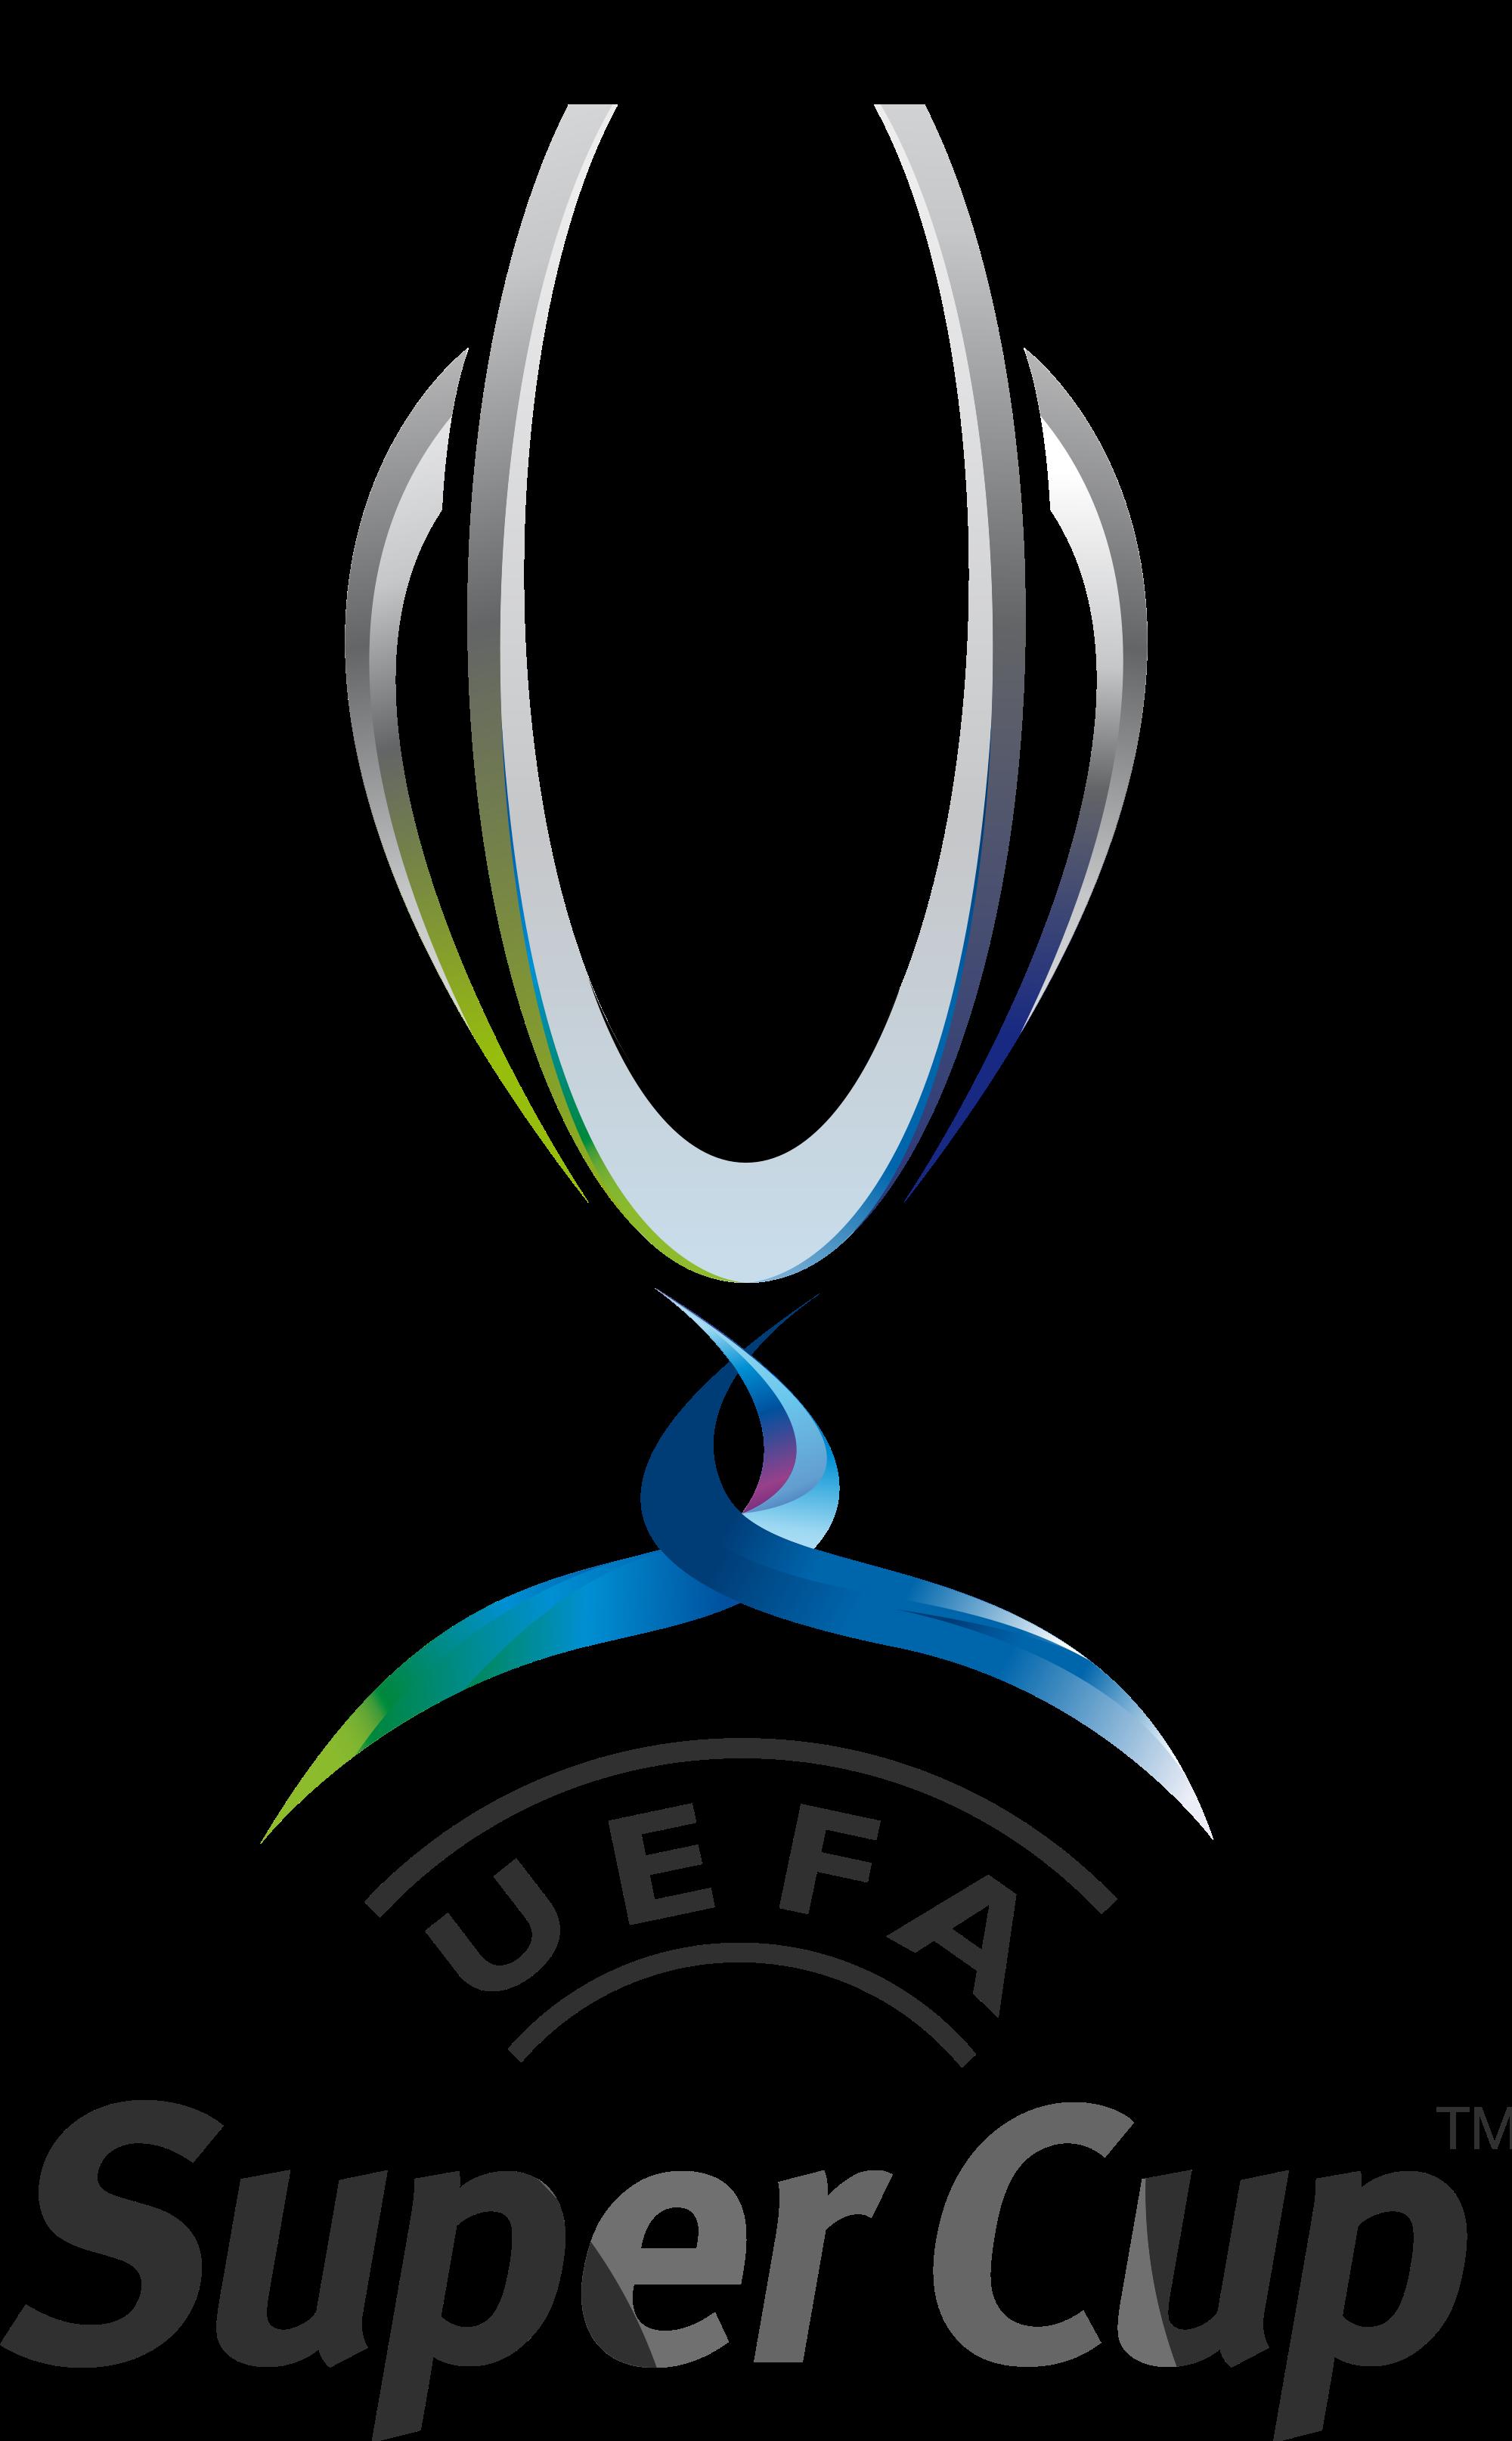 europa super cup